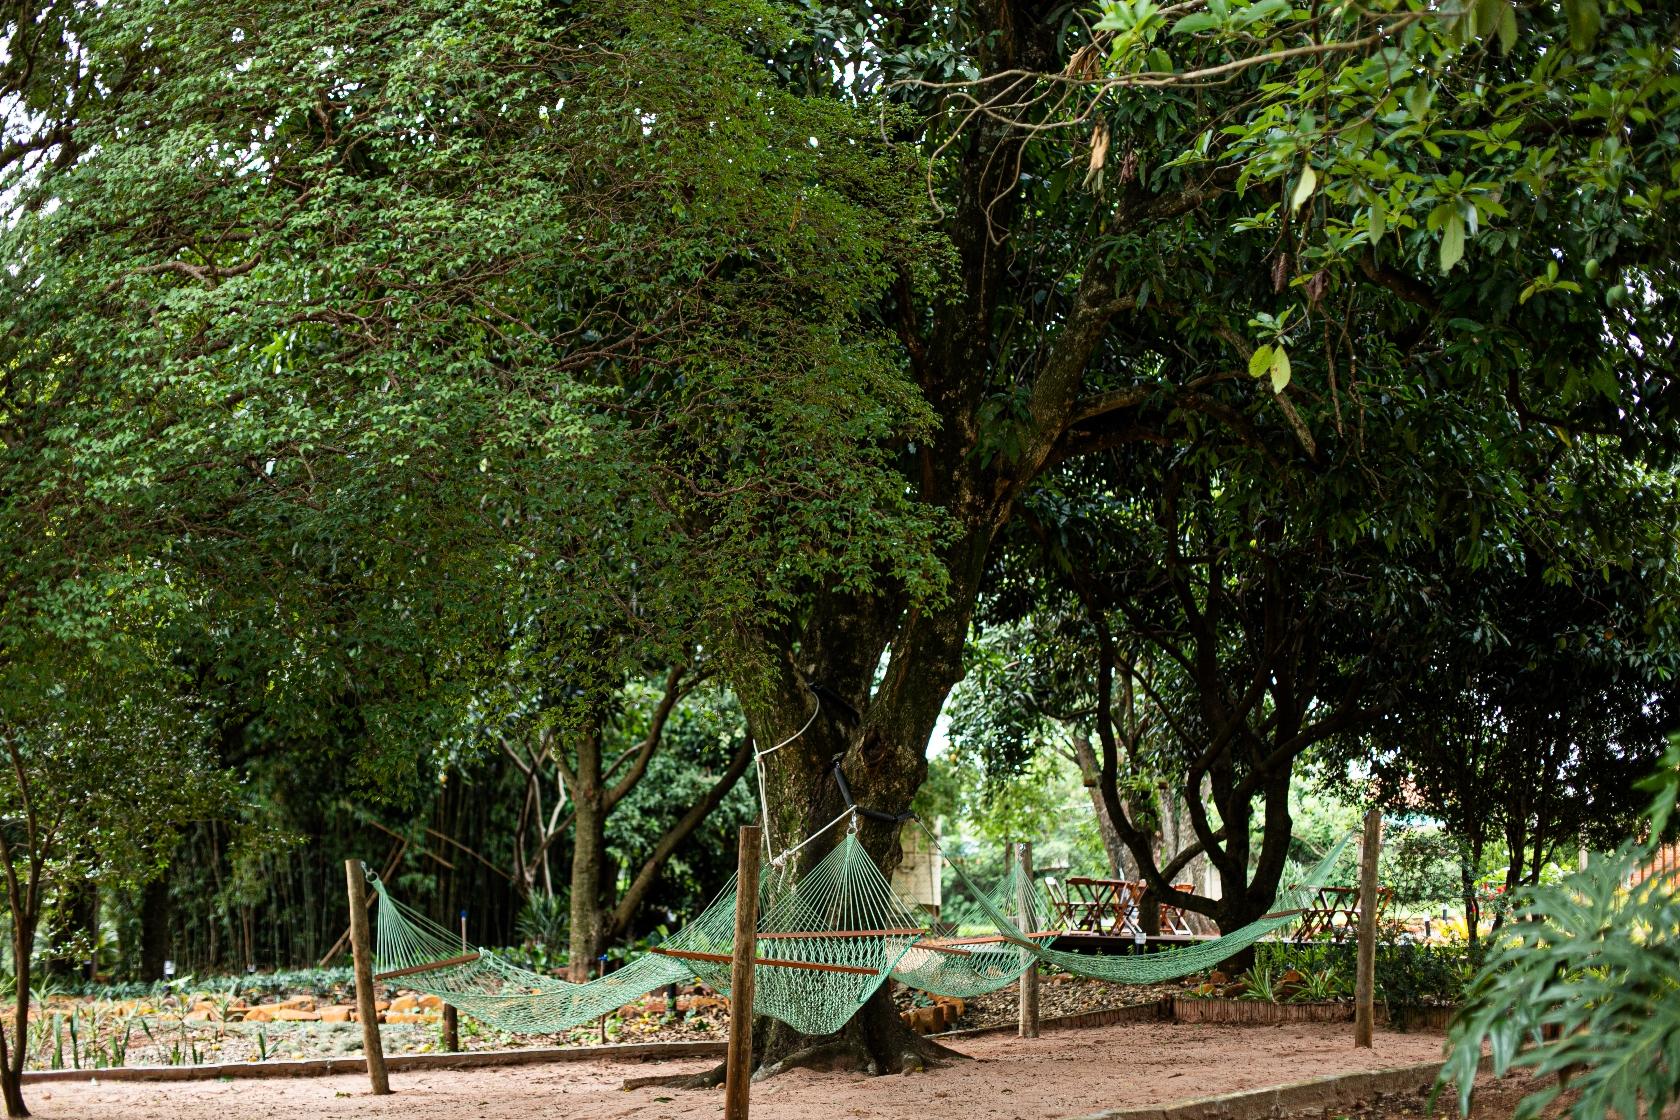 Vila Jacaré